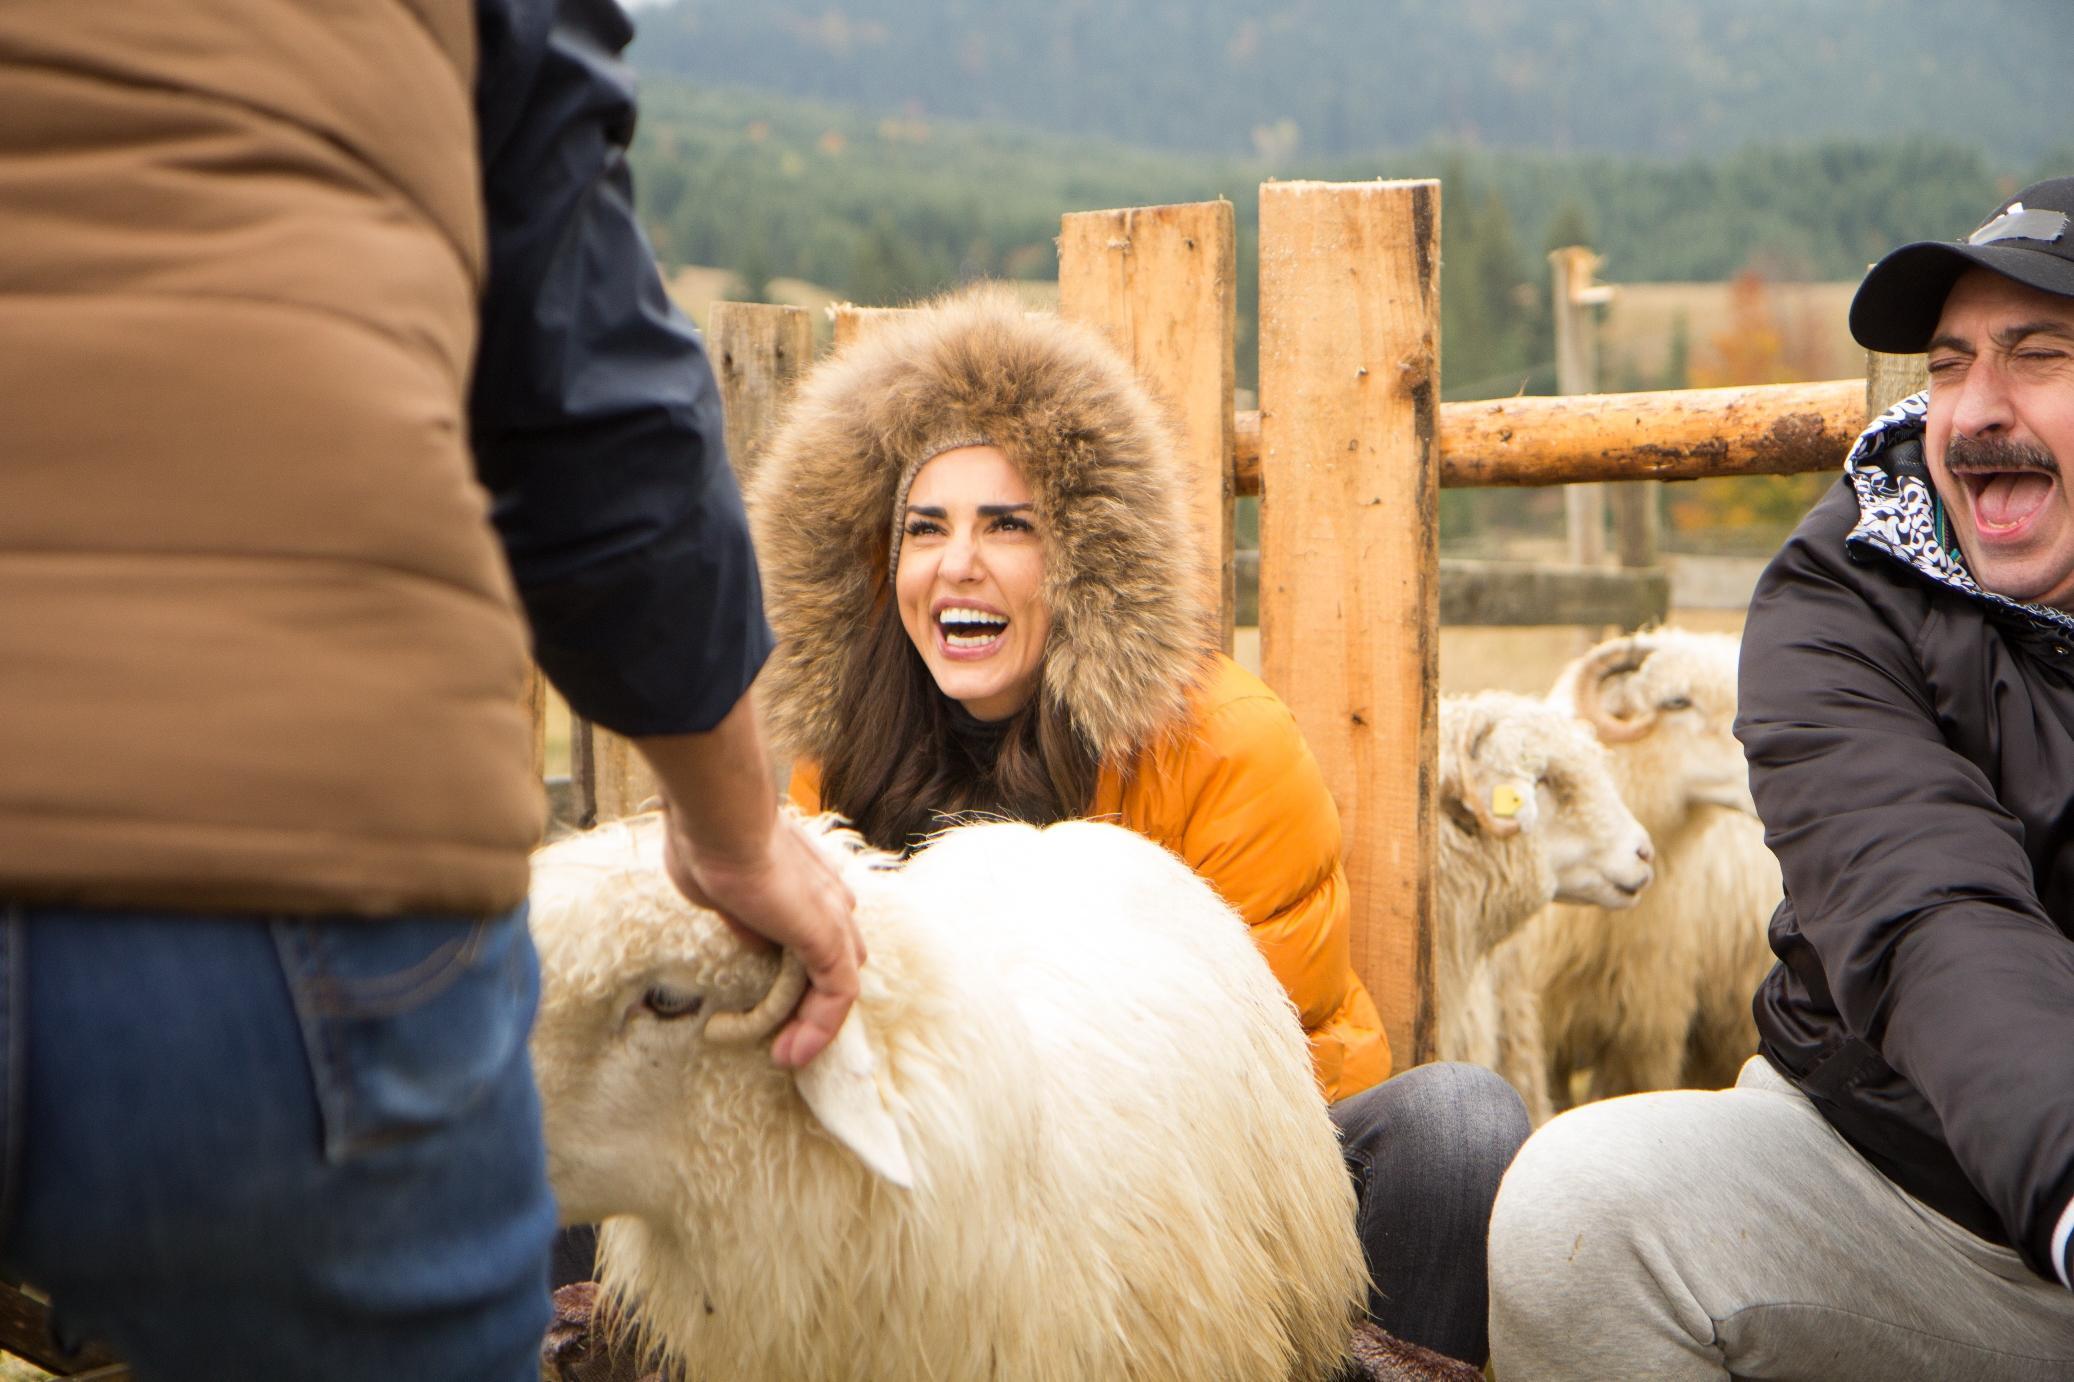 Lavinia Pârva și Romică Țociu au râs cu lacrimi la mulsul oilor